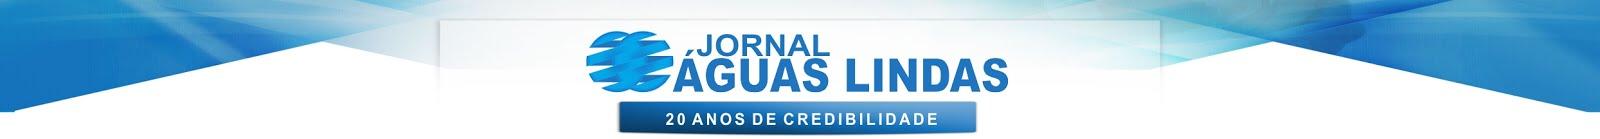 Jornal Águas Lindas